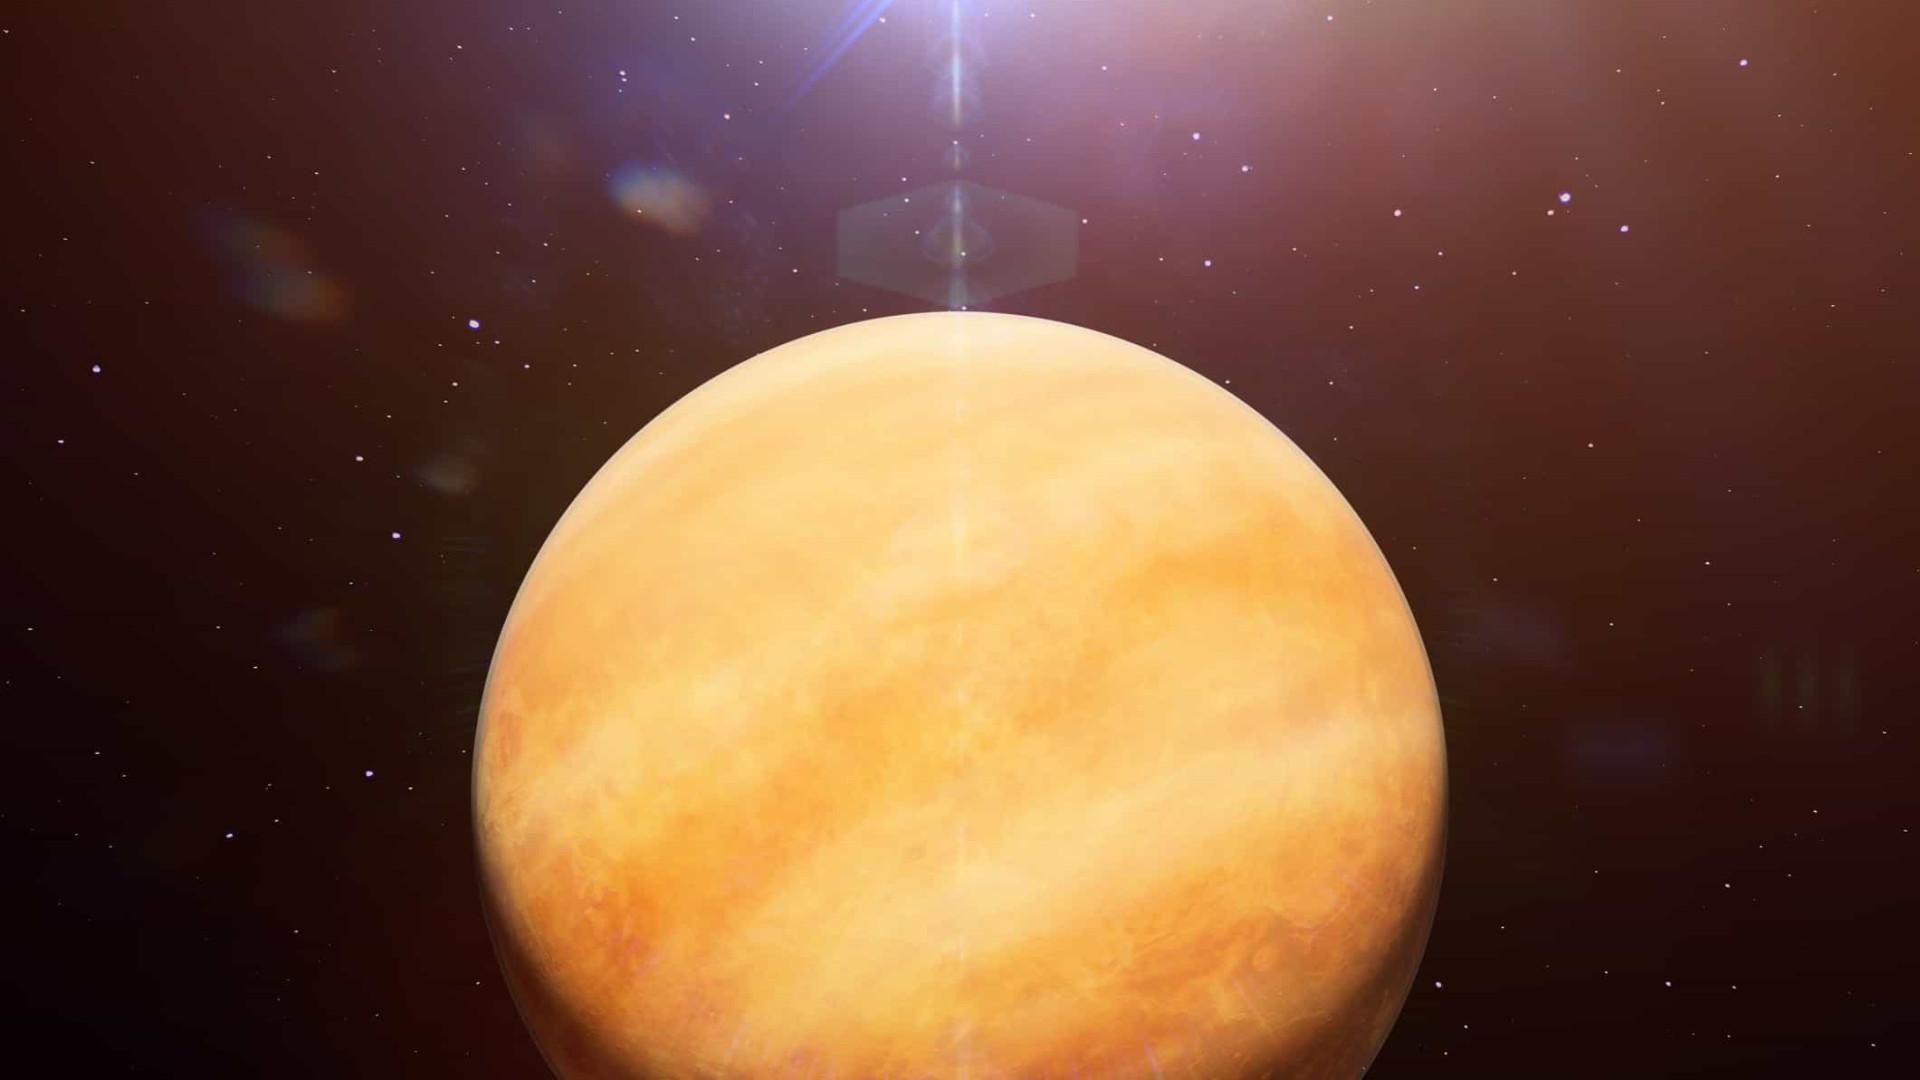 Vênus pode ter sido habitável com clima semelhante ao da Terra